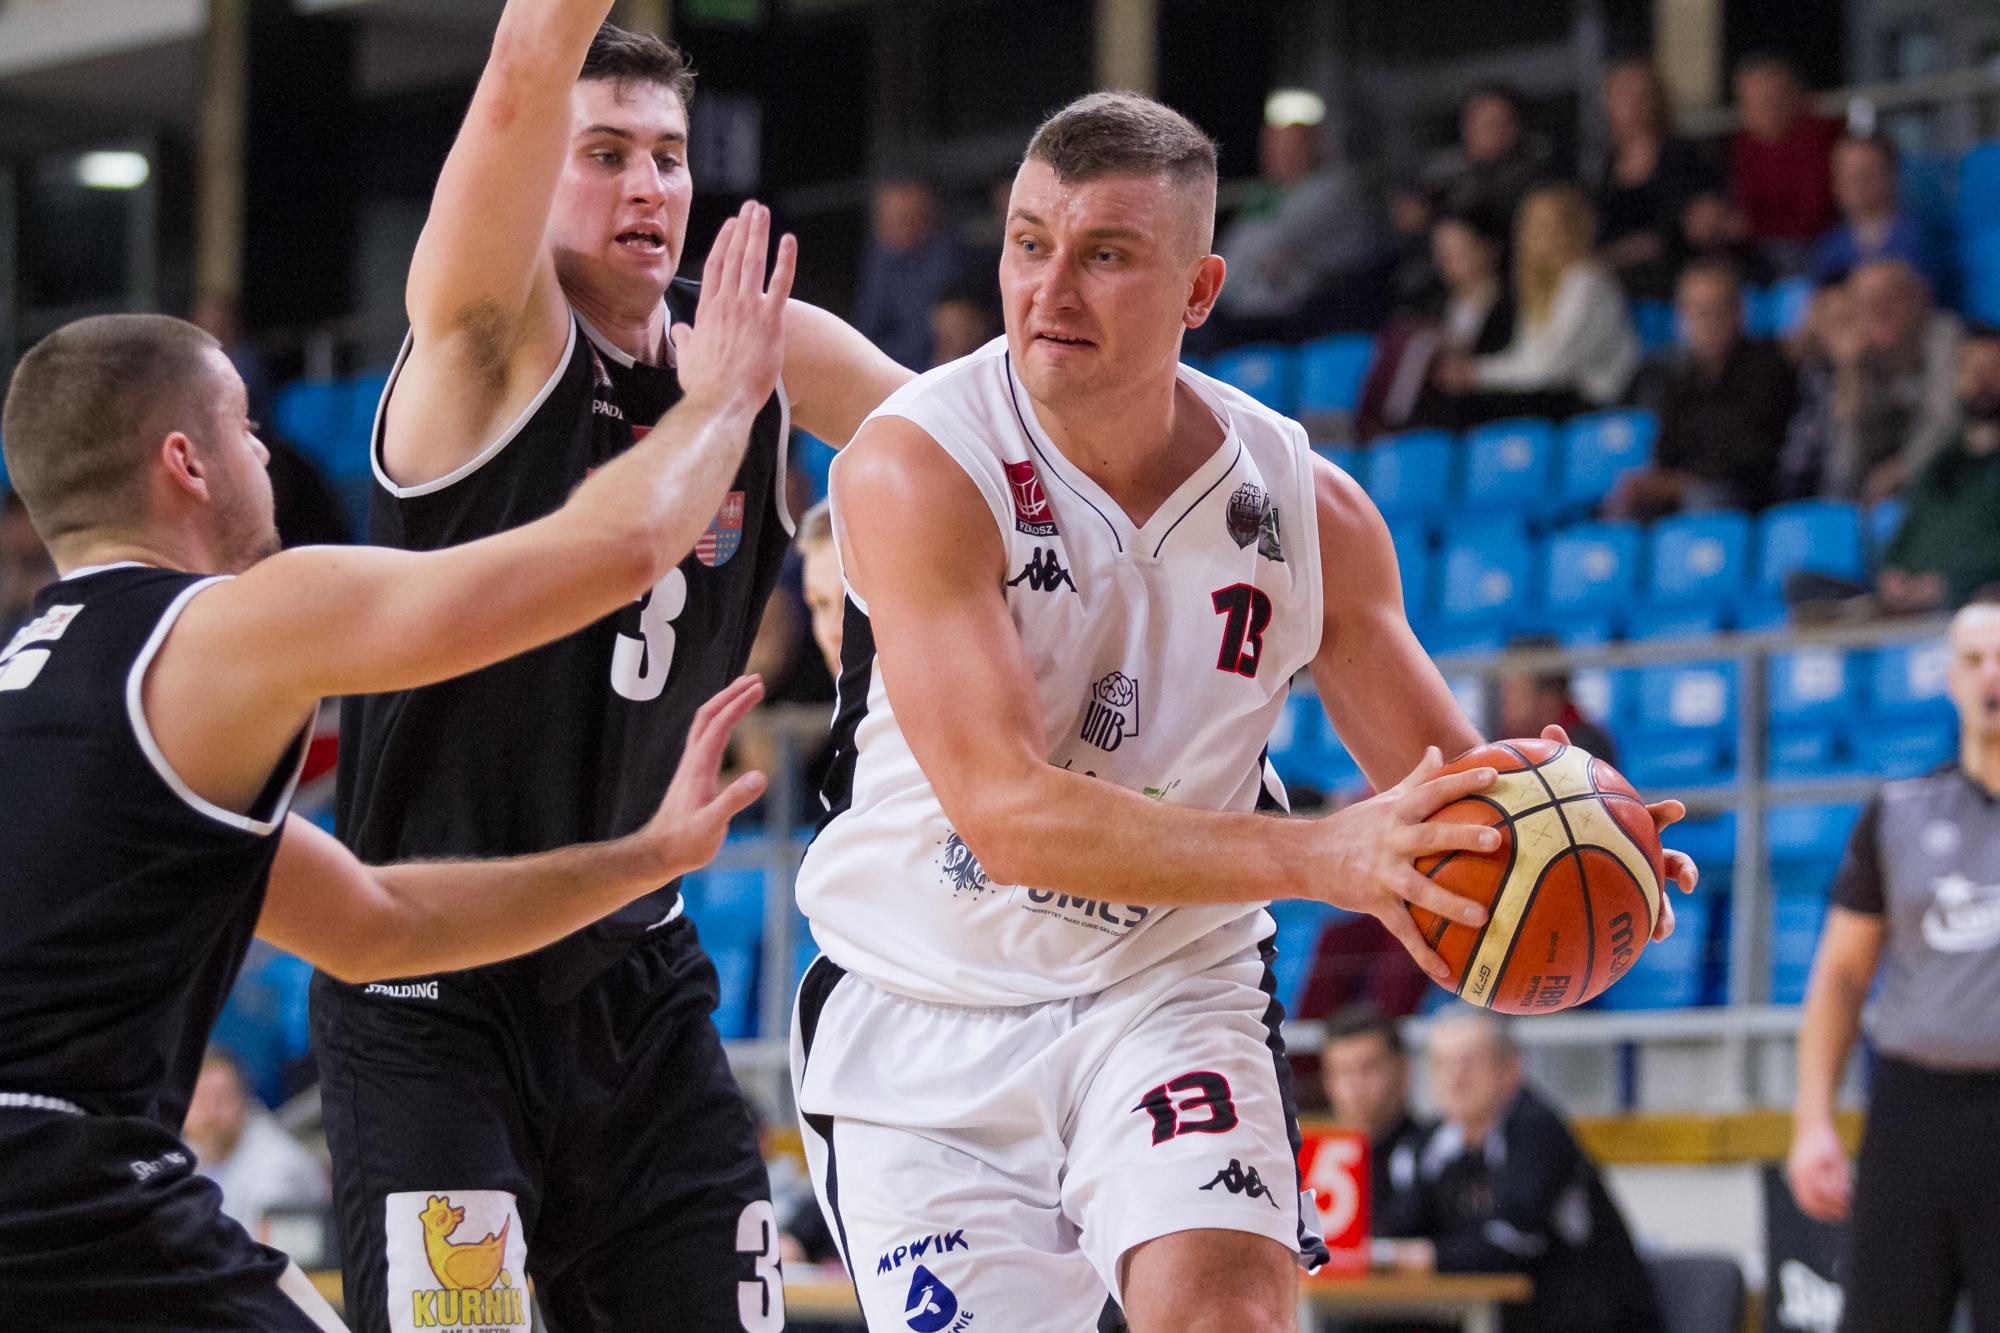 AZS UJK Kielce ‒ U!NB AZS UMCS Start Lublin 50-86